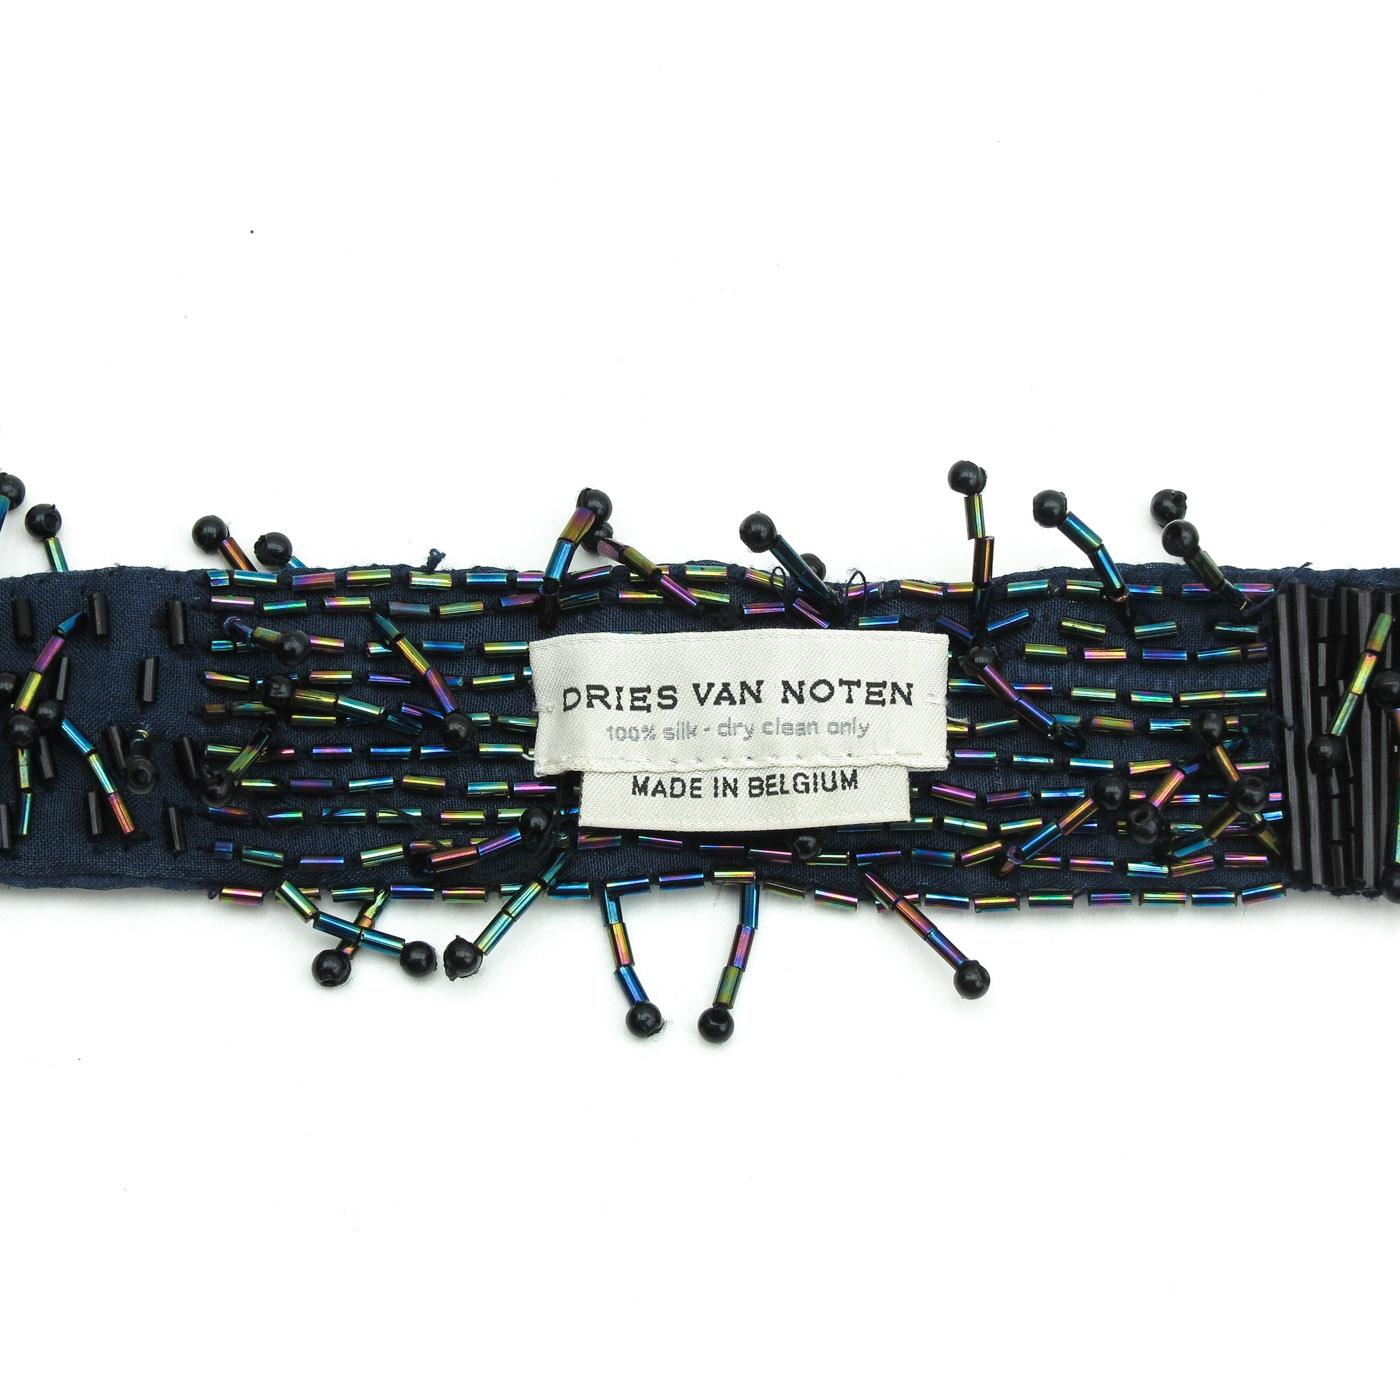 A Designer Dries van Noten Belt - Image 3 of 4